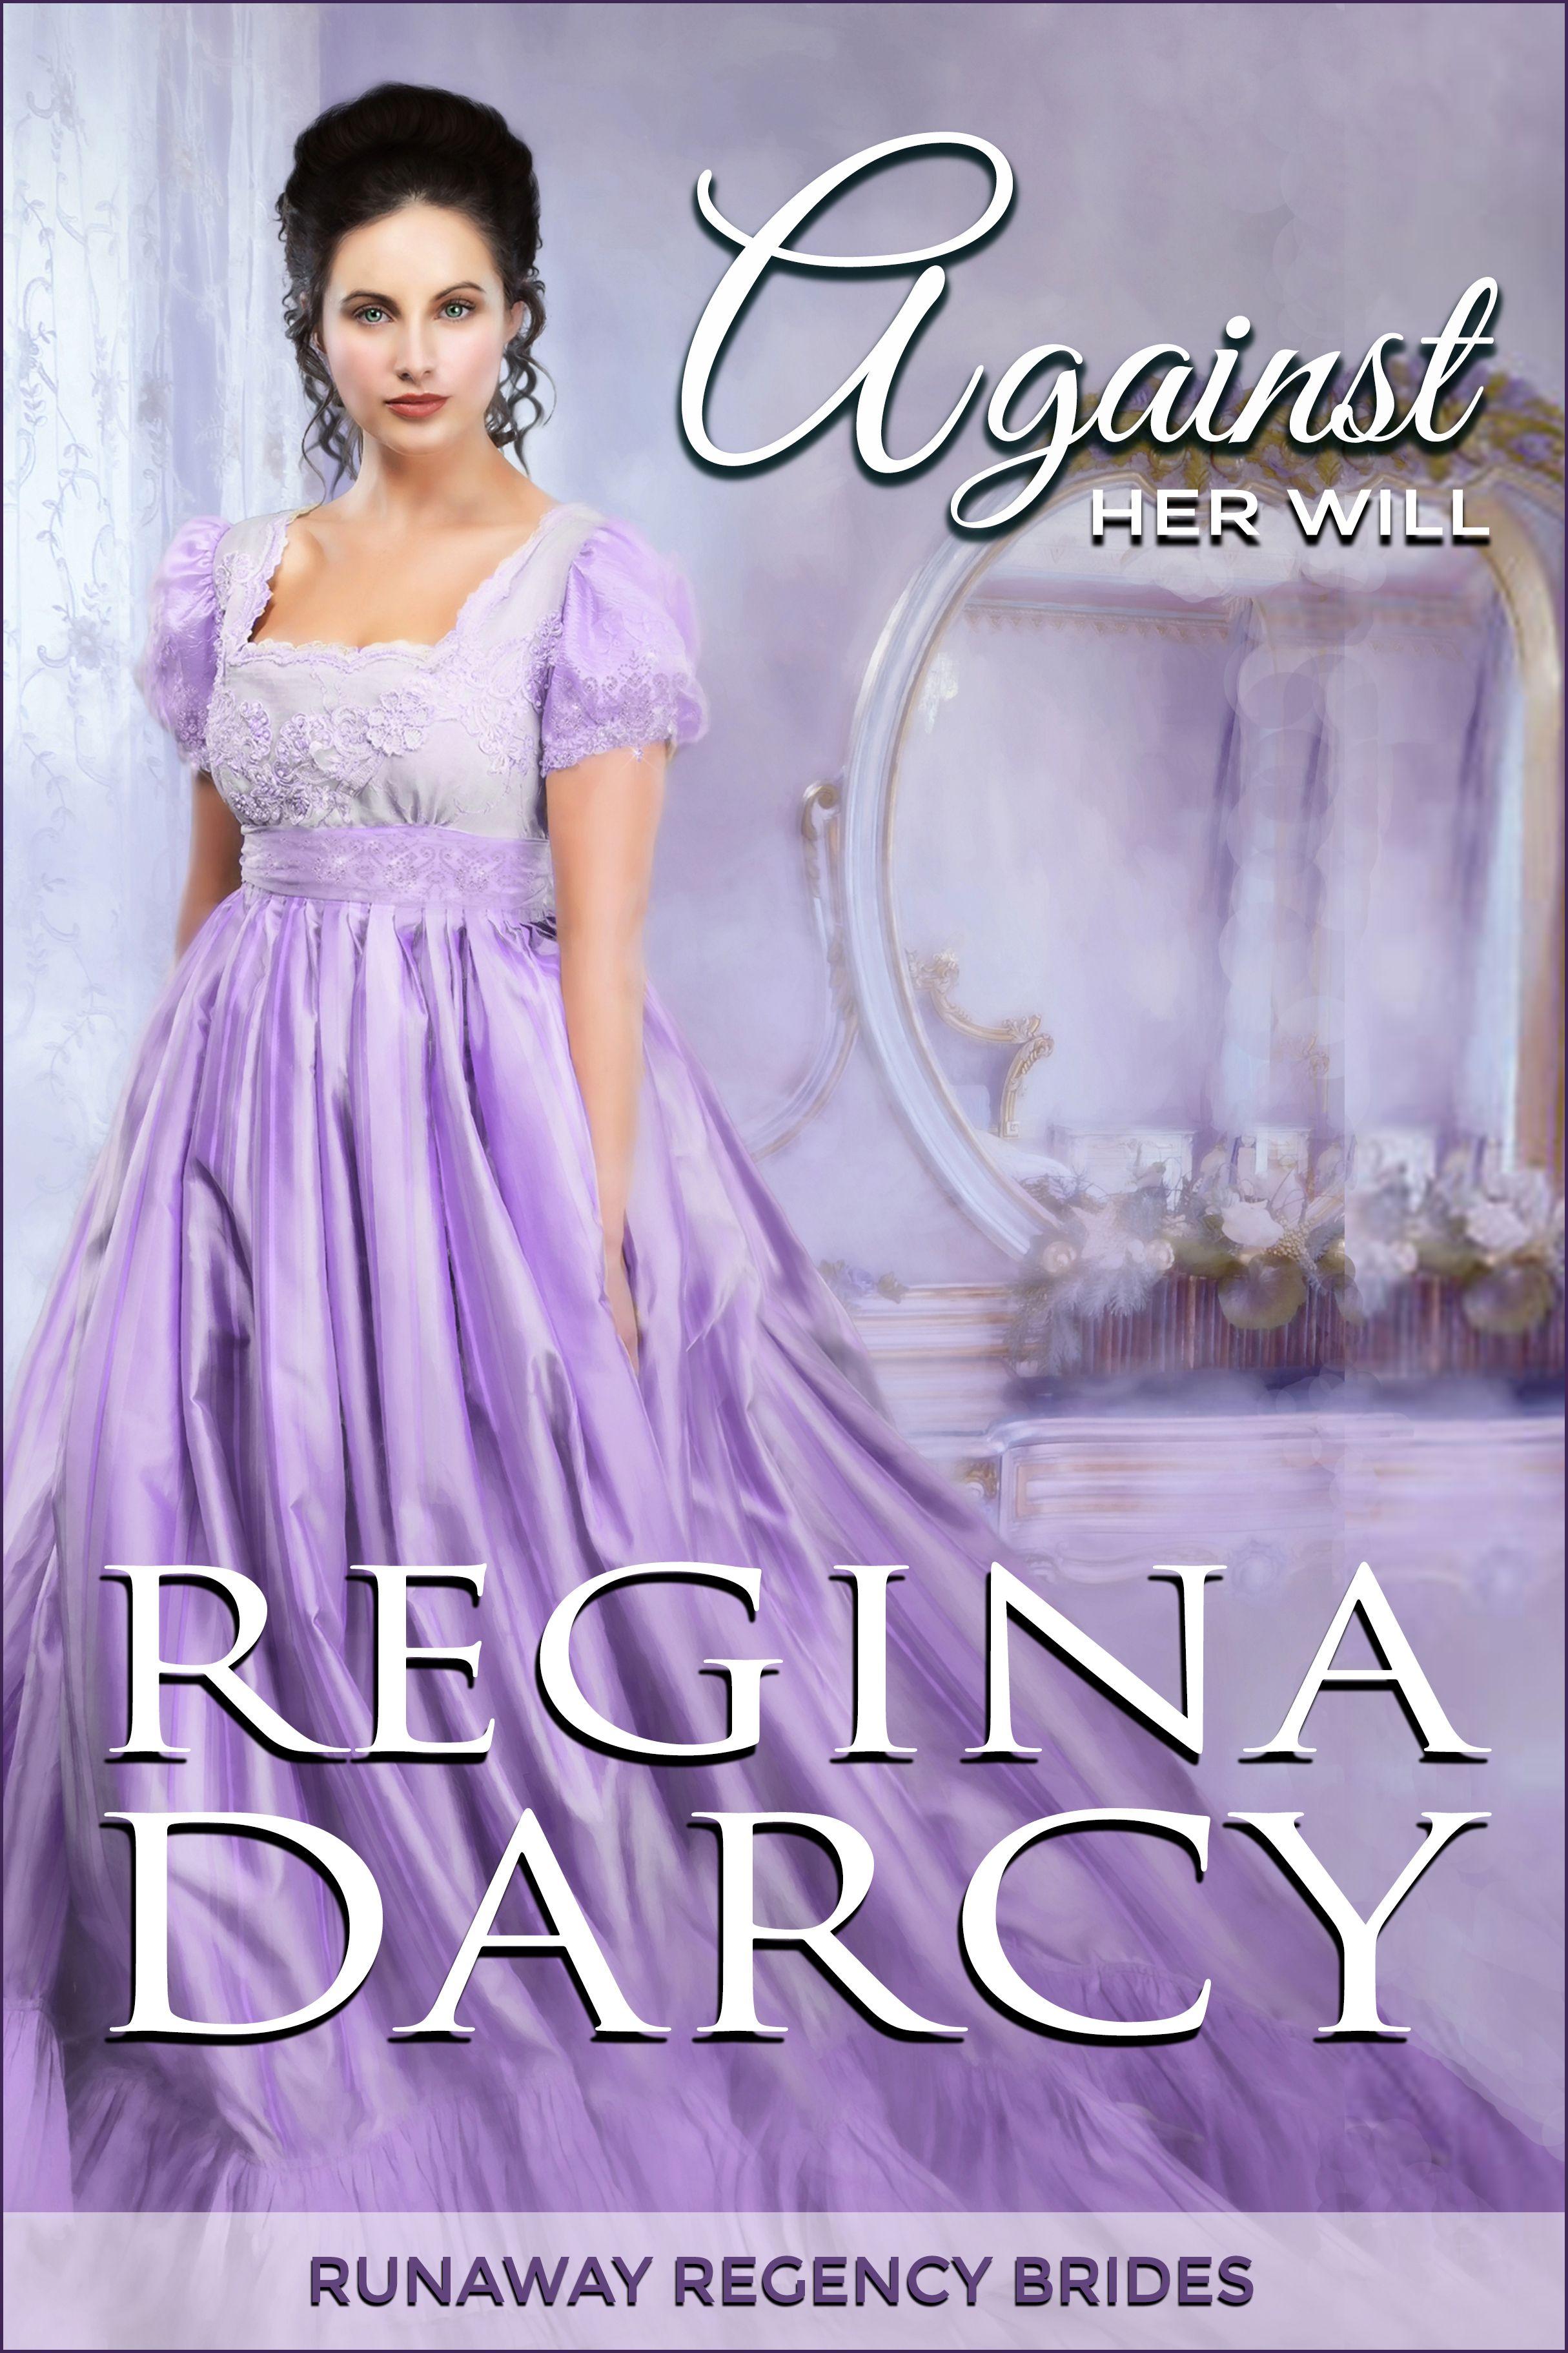 Against her will (Runaway Regency Brides Book 1)'s Ebook Image